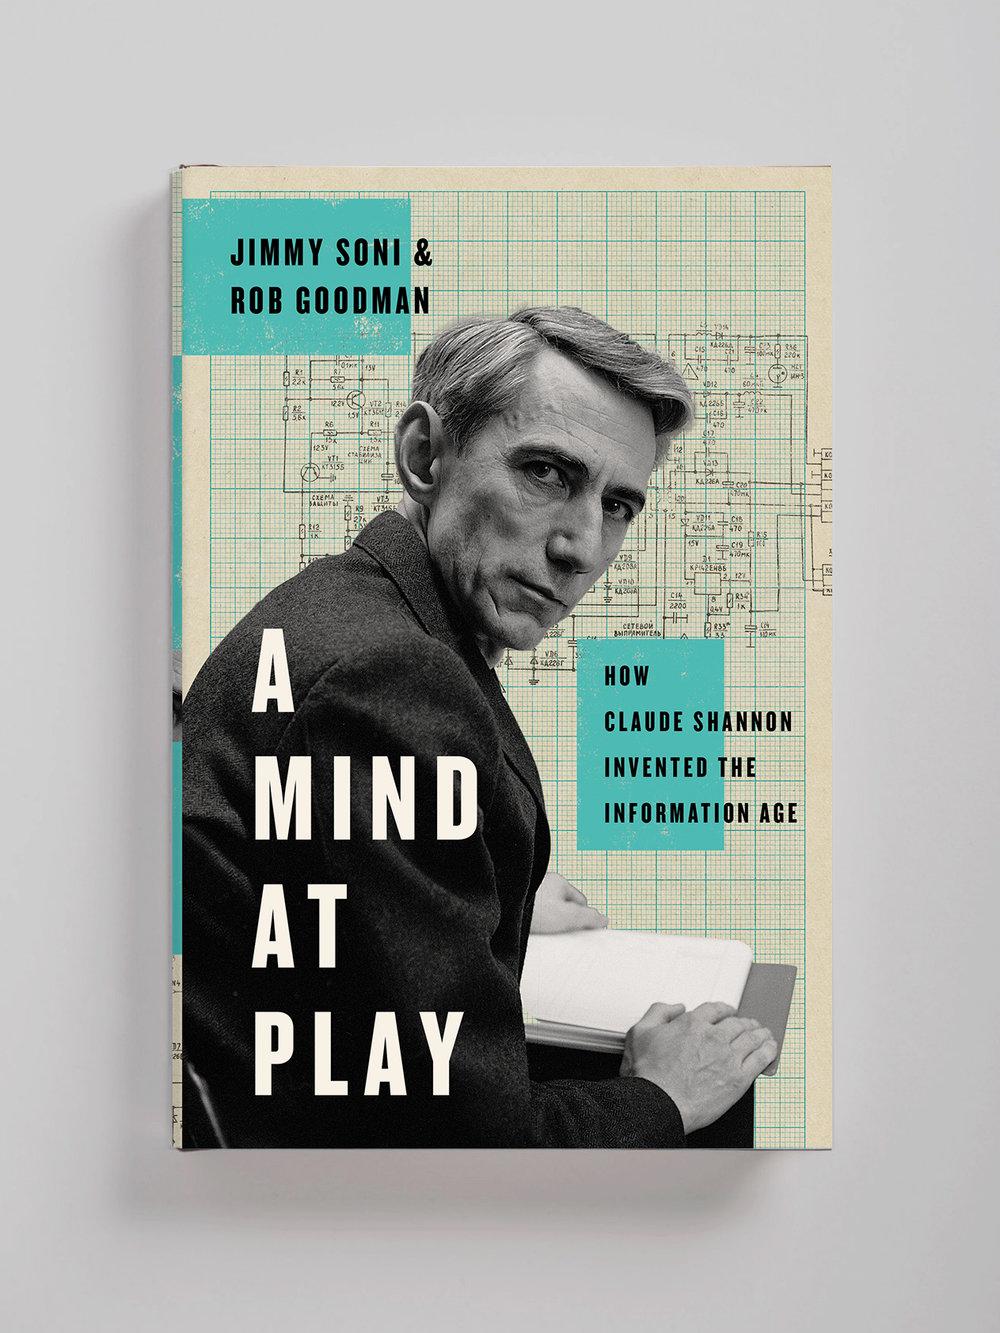 A Mind at Play — Jimmy Soni & Rob Goodman